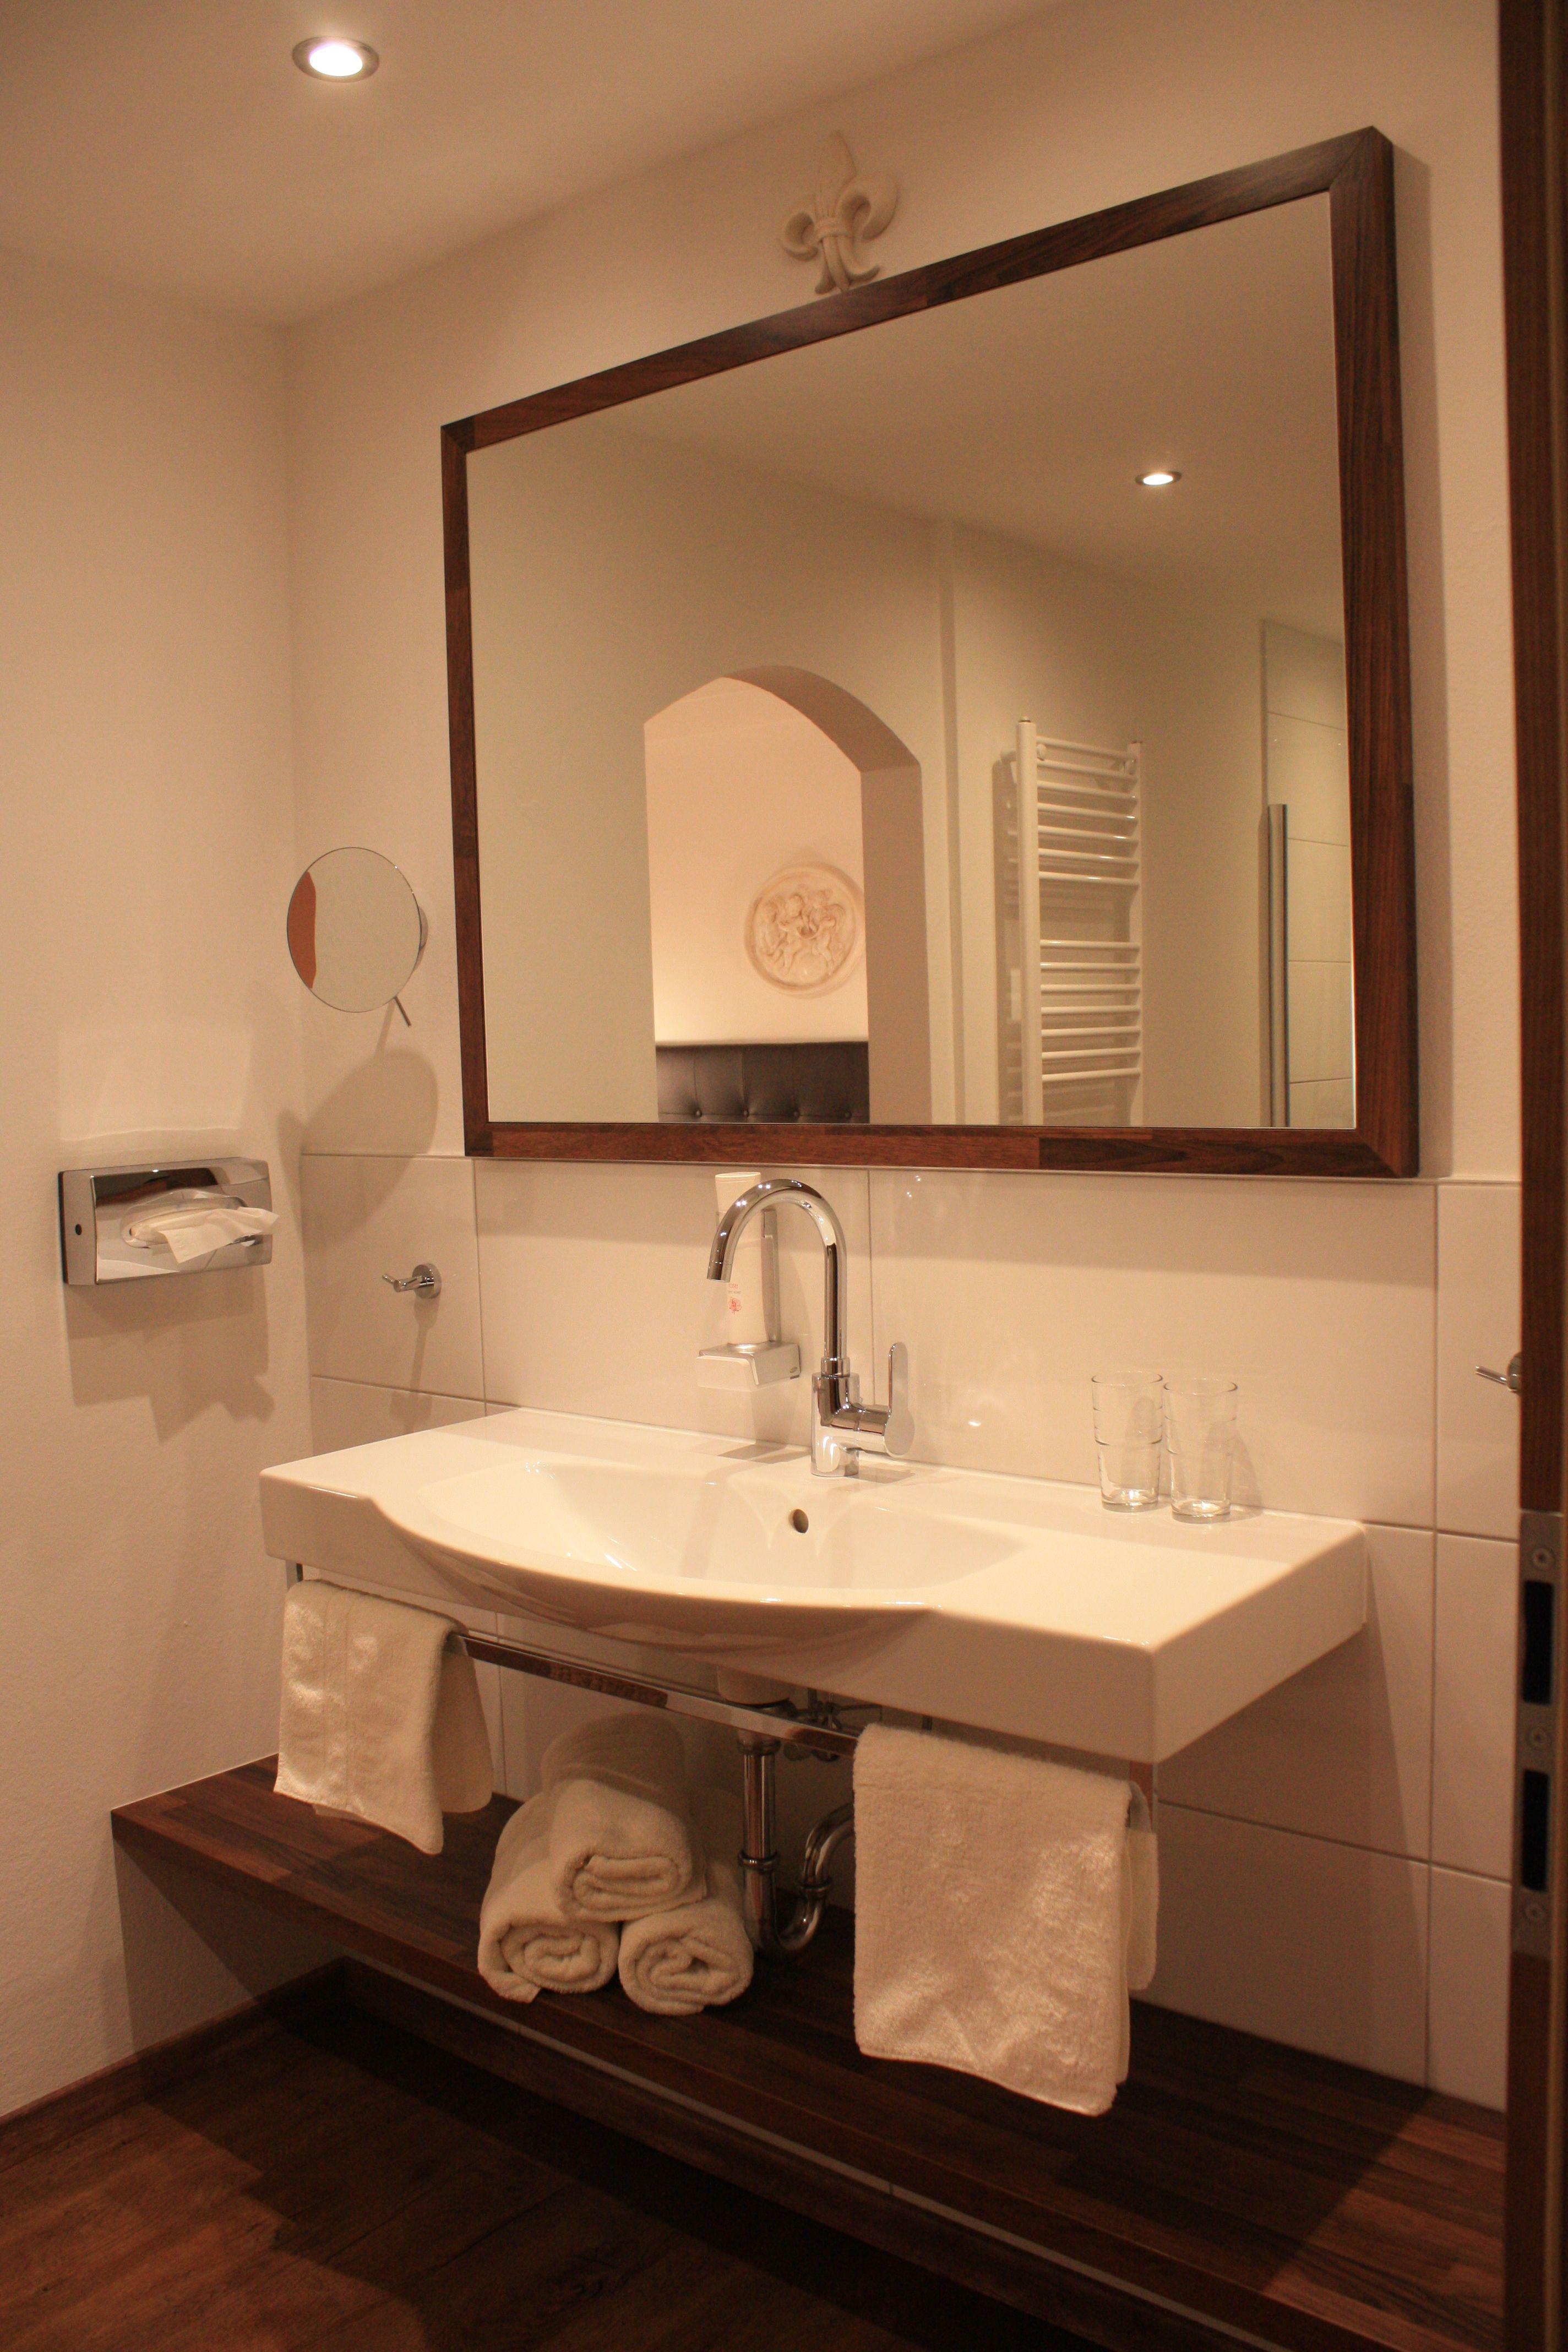 waschtisch mit ablagefl chen und holzunterkonstruktion spiegel mit holzrahmen badezimmer. Black Bedroom Furniture Sets. Home Design Ideas